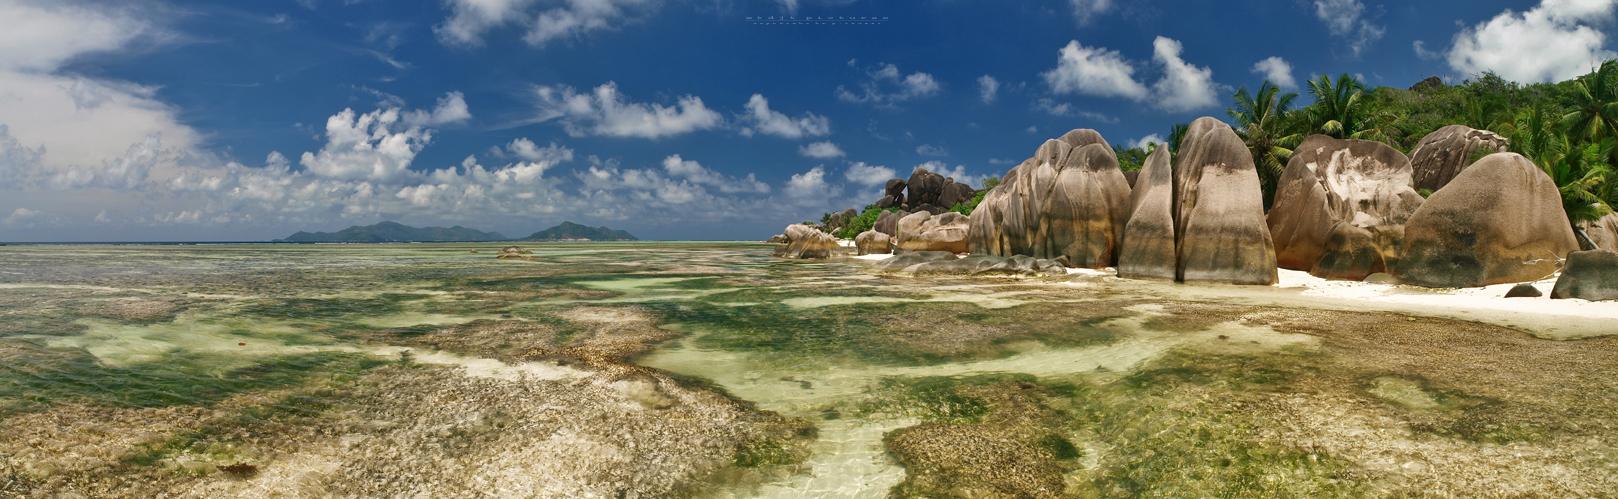 Anse Source d`Argent - La Digue Island - Seychelles 2014